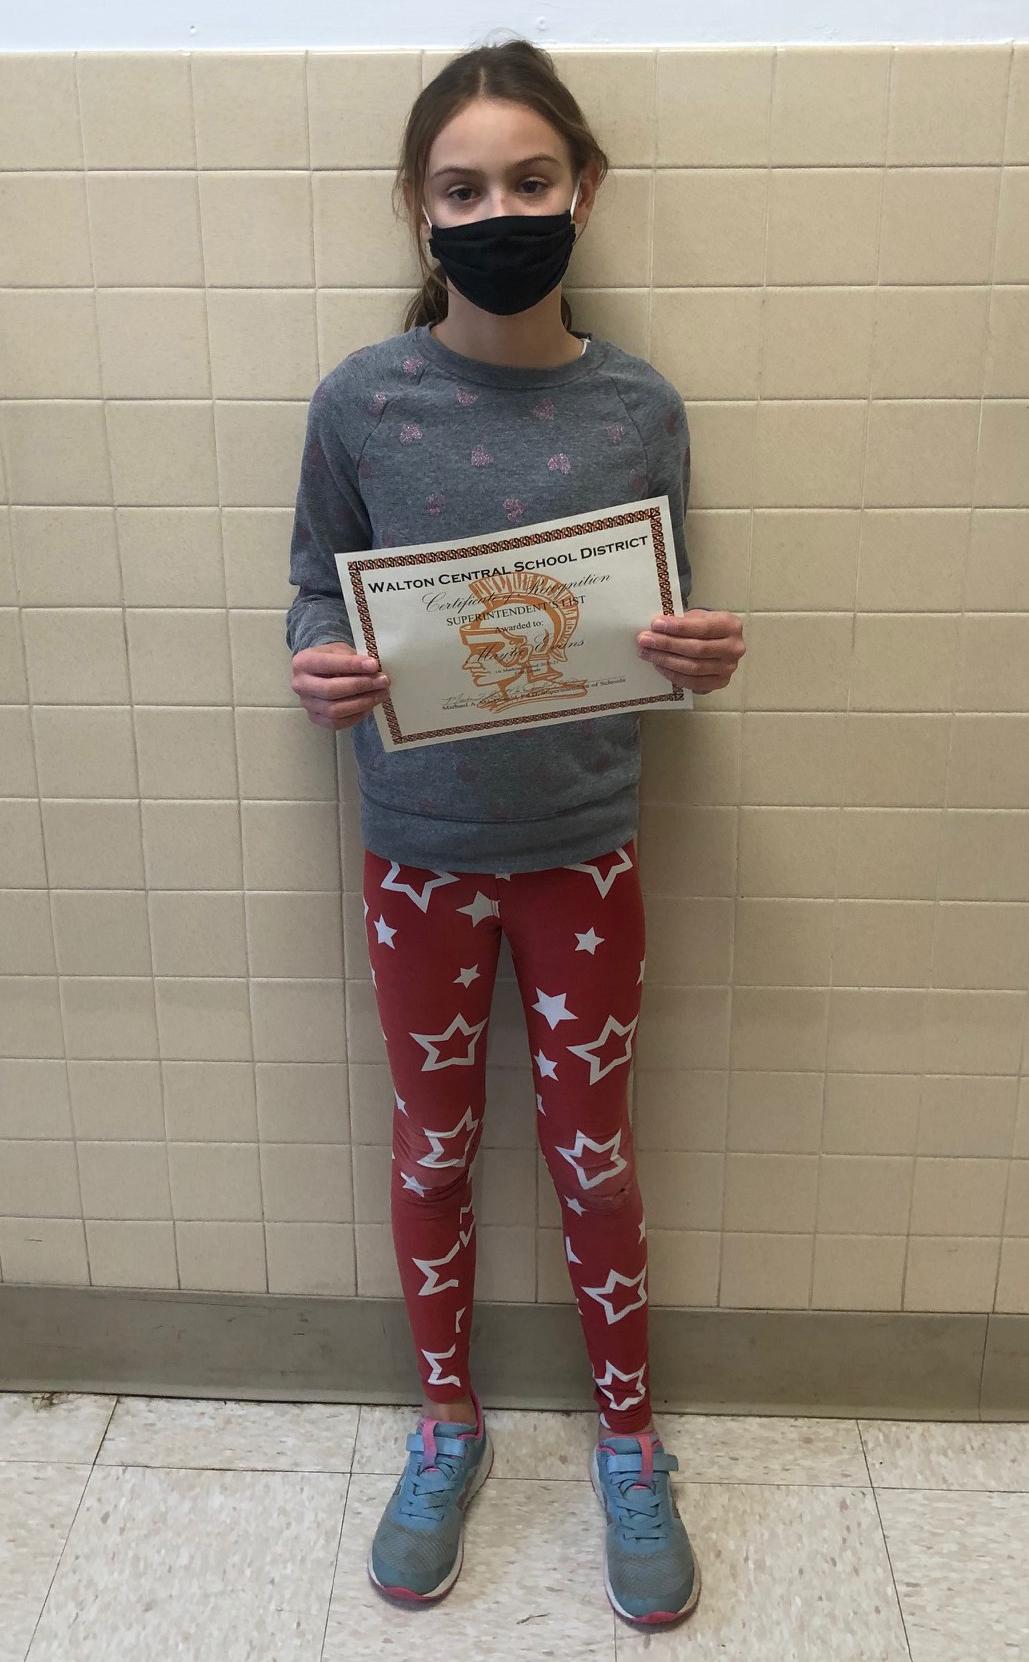 5th grade Superintendent's award